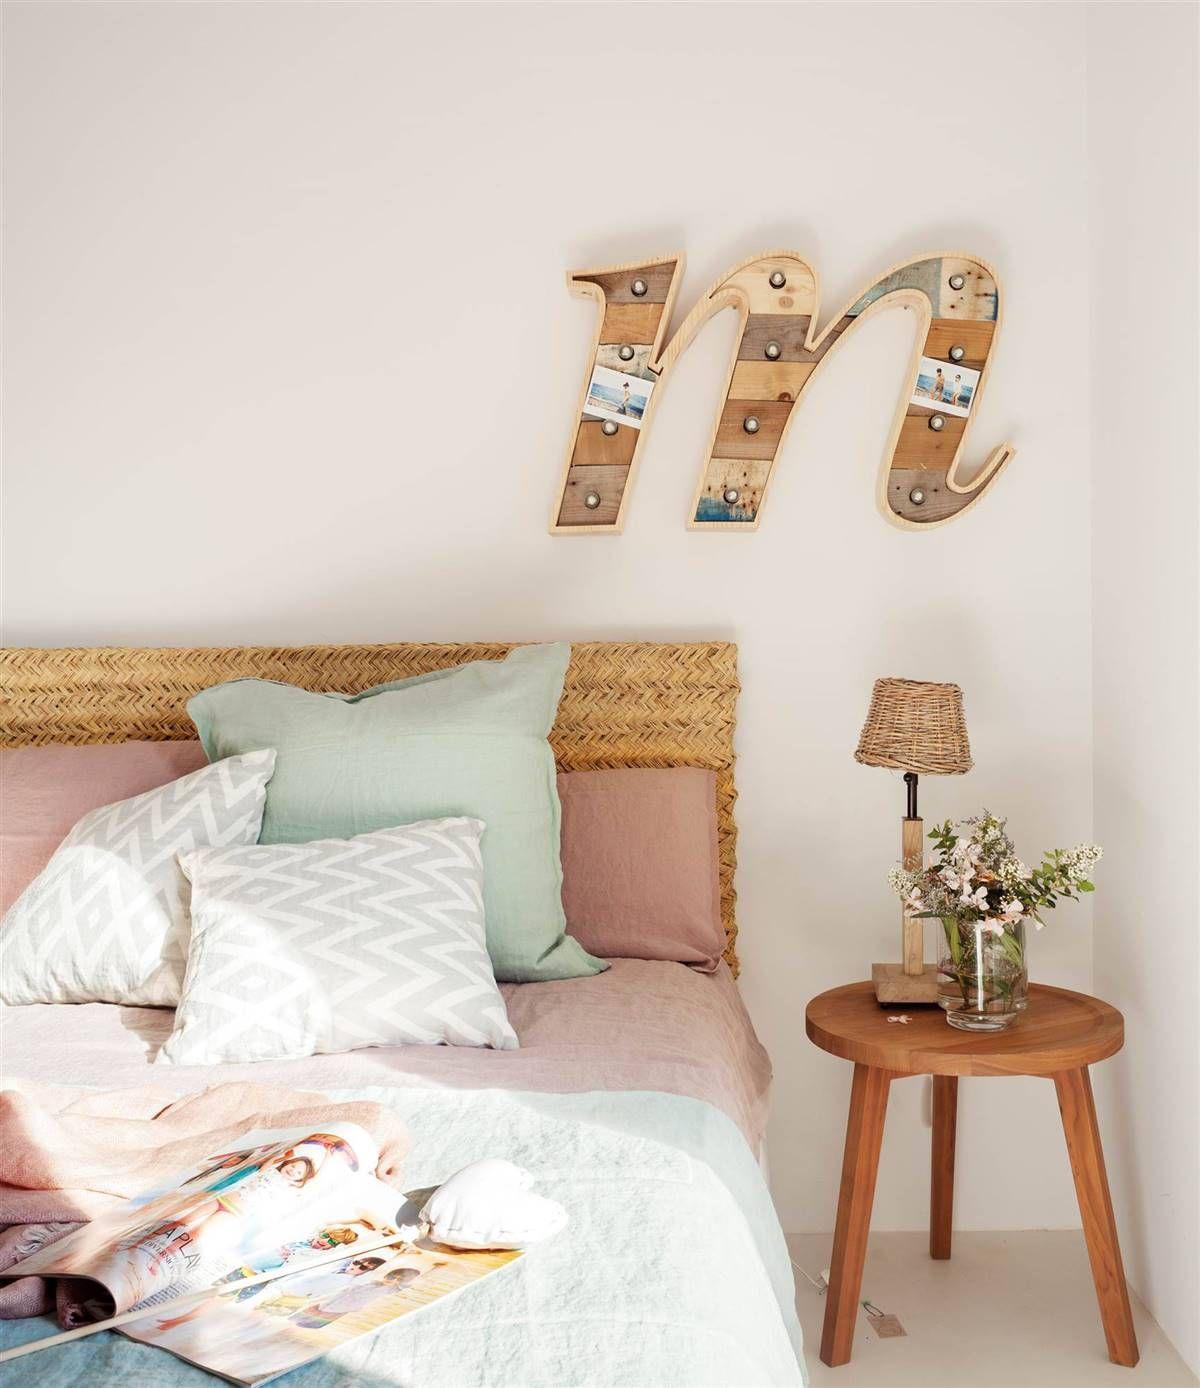 Cabeceros de esparto: puro frescor en 2020 | Dormitorios